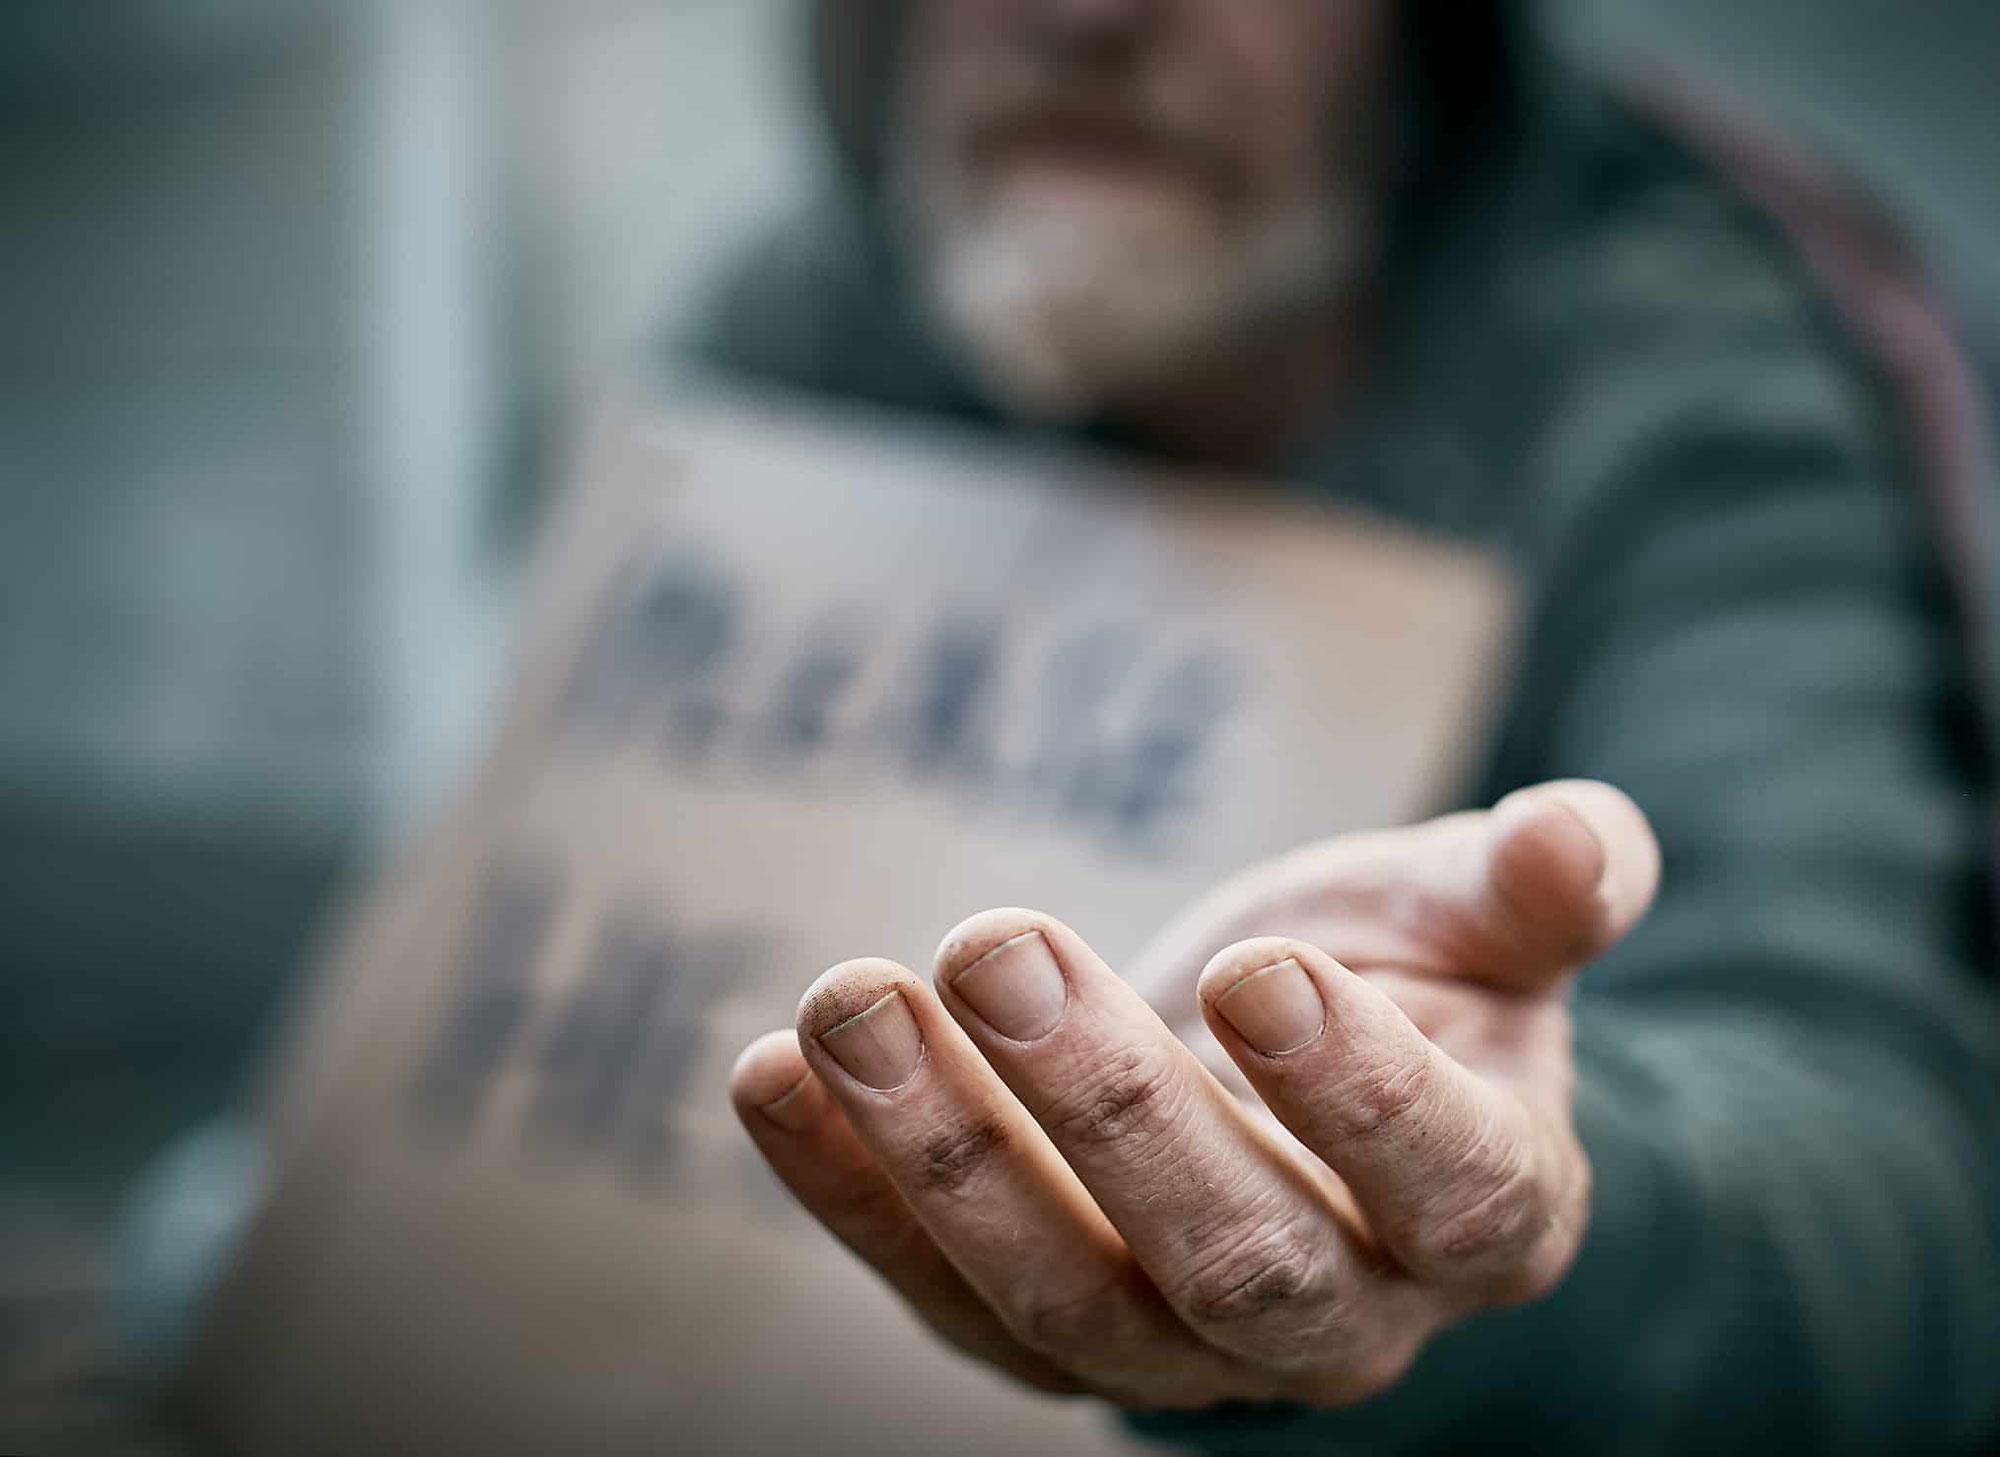 Der Mann mit der verdorrten Hand